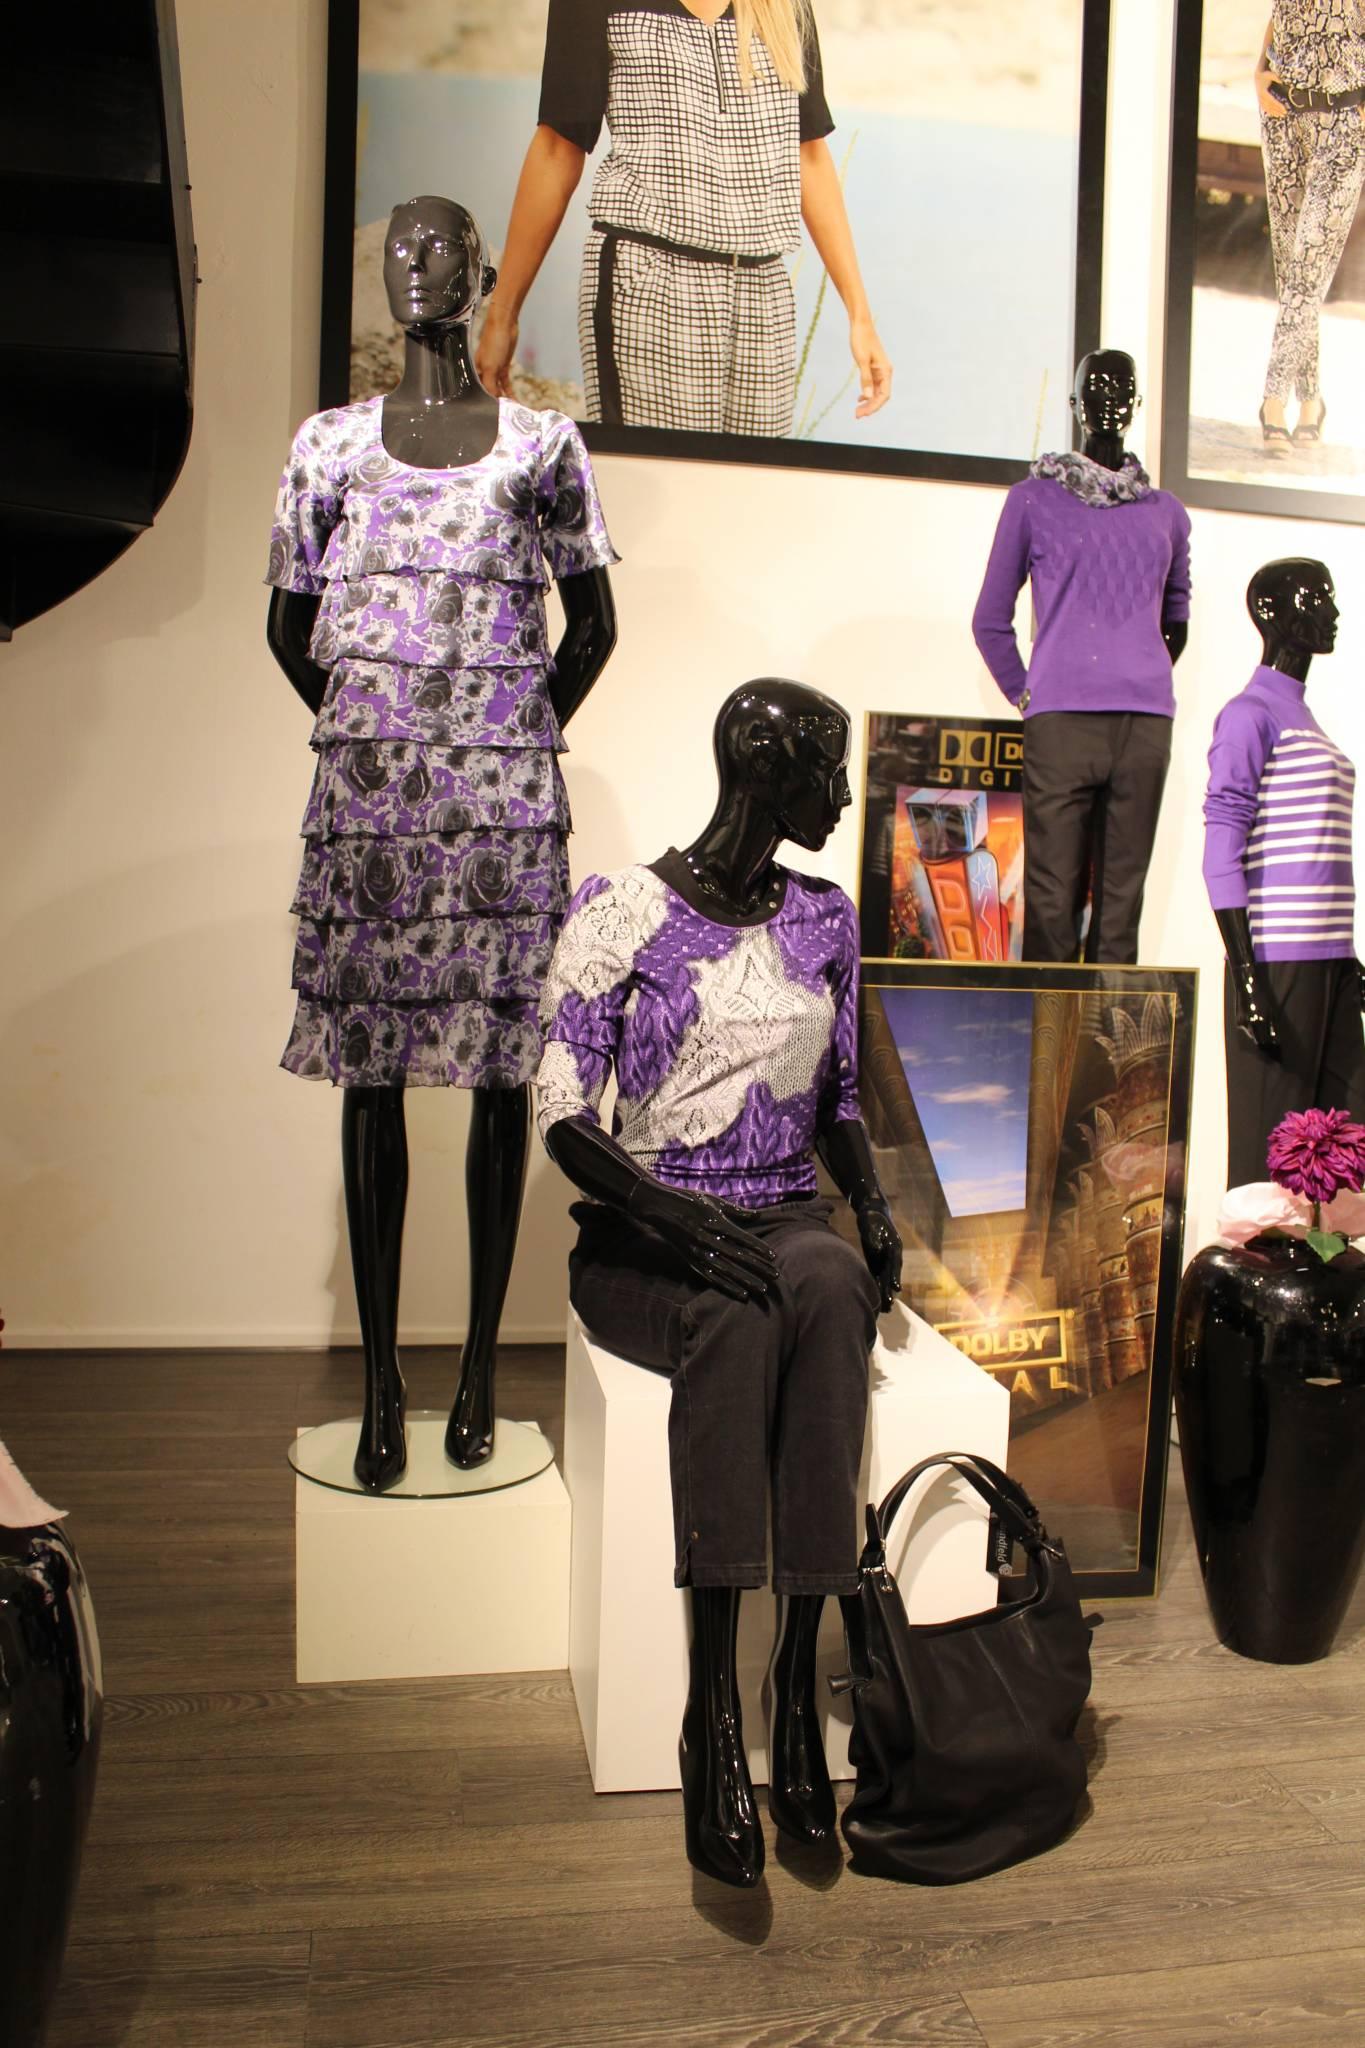 Mannequin podie er med til at skabe fokus og dynamik i udstillingen. Butiksinventar og butiksindretning,